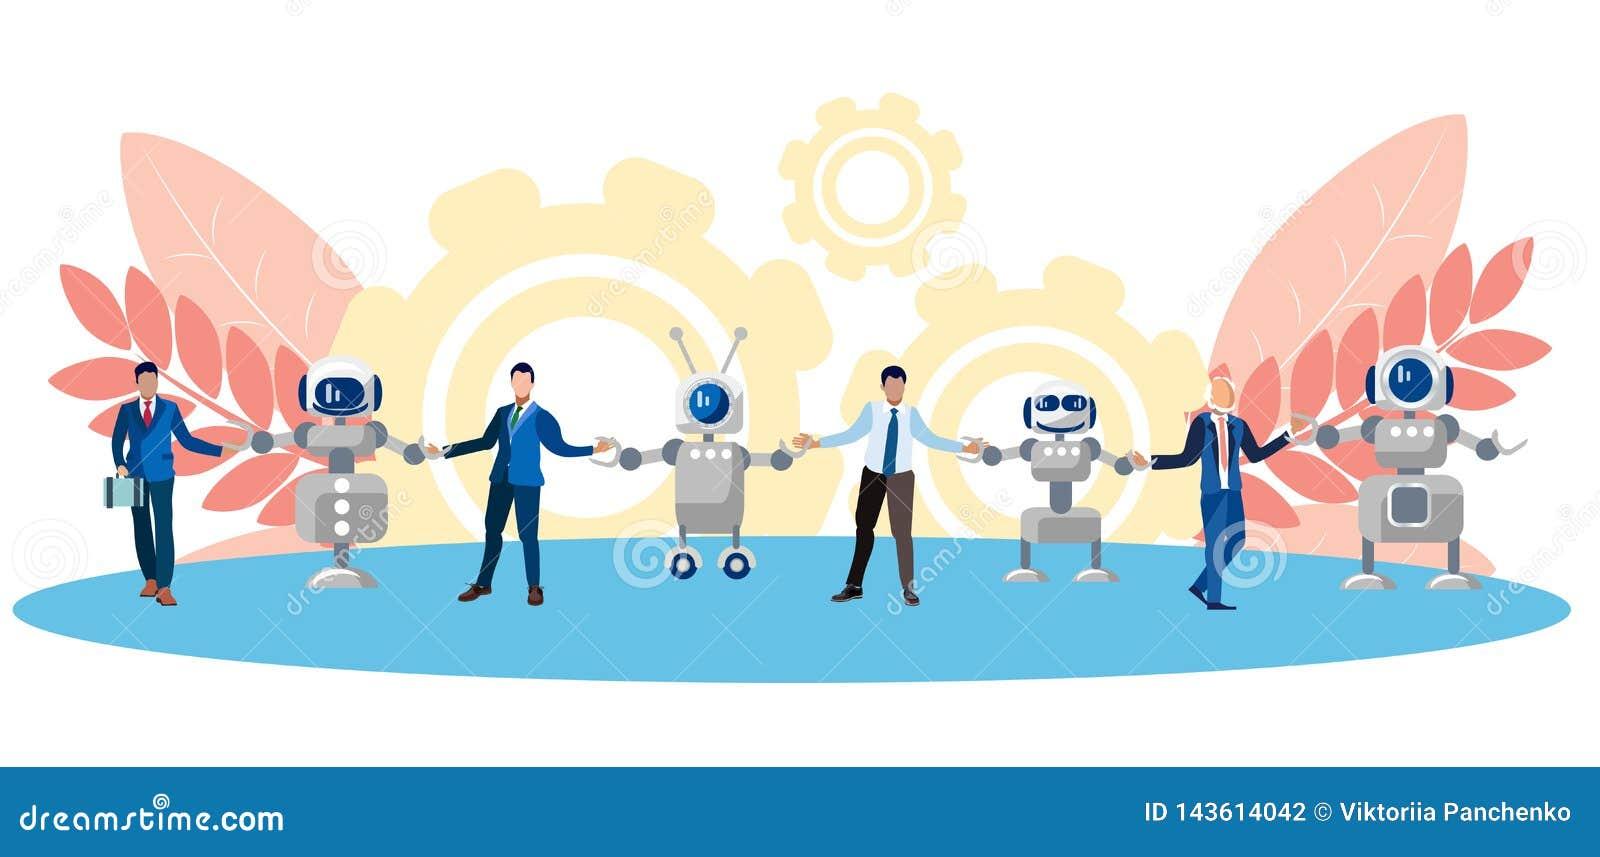 Métaphore de l amitié, de la coopération des personnes et de la technologie Chaîne d humain et de robots Dans le style minimalist